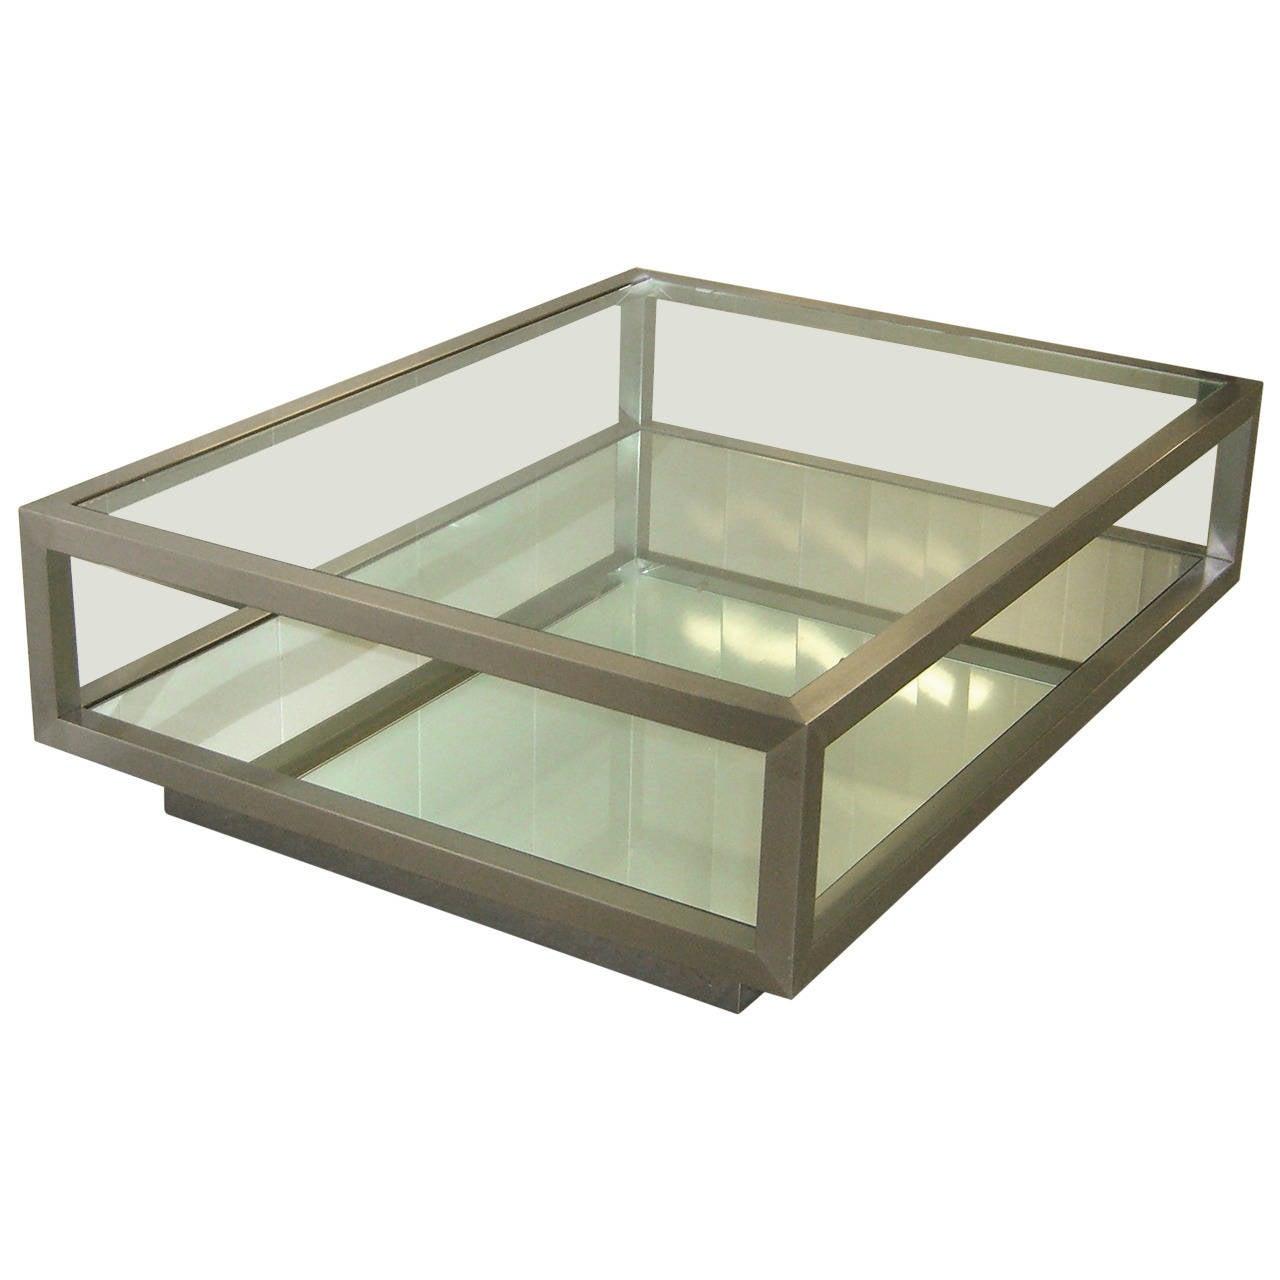 Brushed Steel Rolling Platform Cocktail Table For Sale